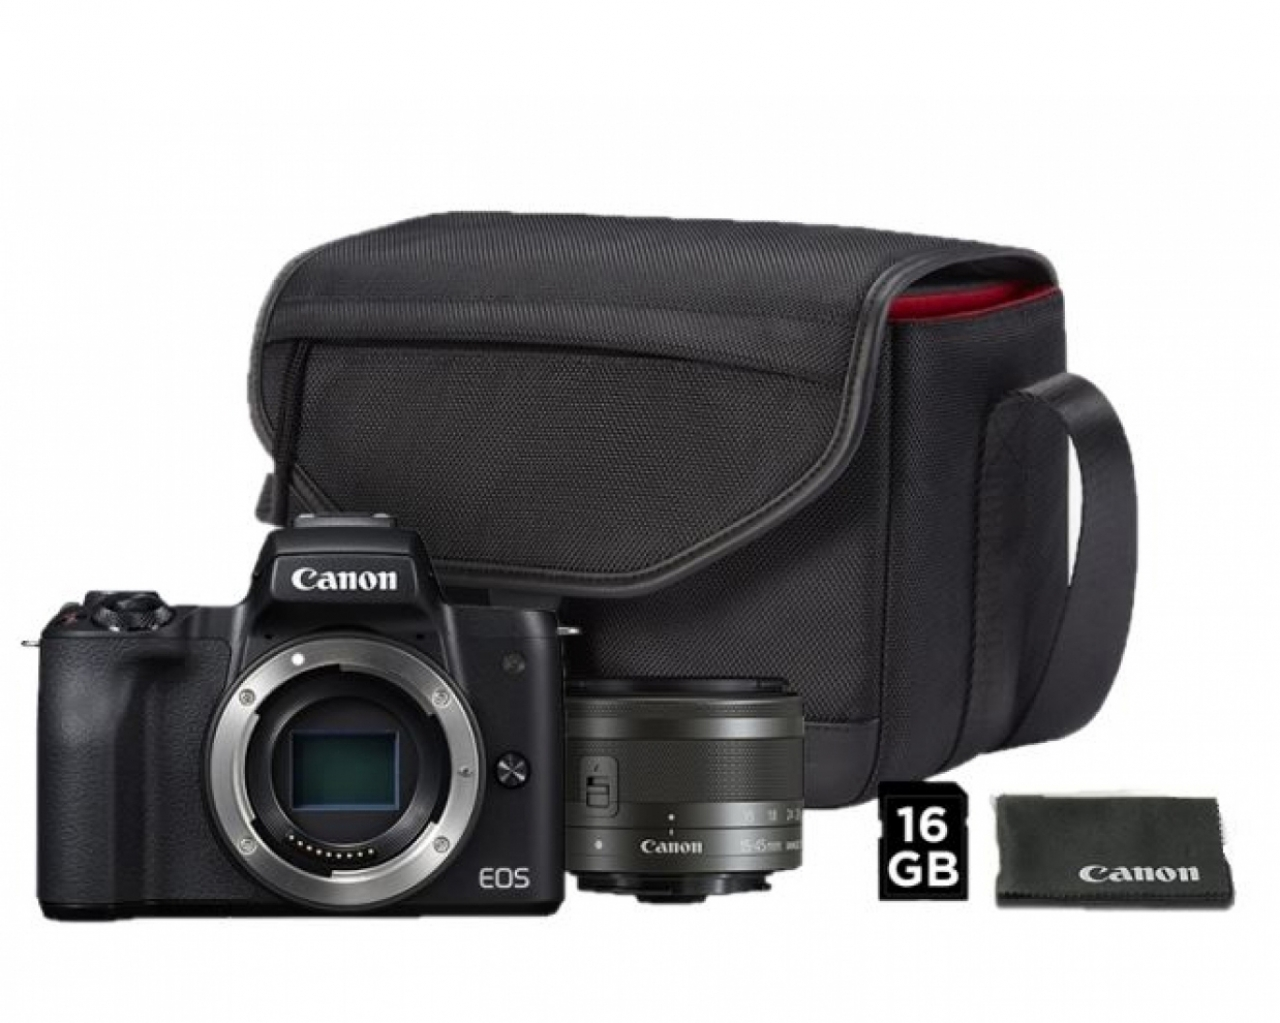 diventa nuovo codice promozionale a basso costo Canon Canon Eos M50 Black + EF-M 15-45 mm + borsa SB130 + 16 gb - Canon Pass